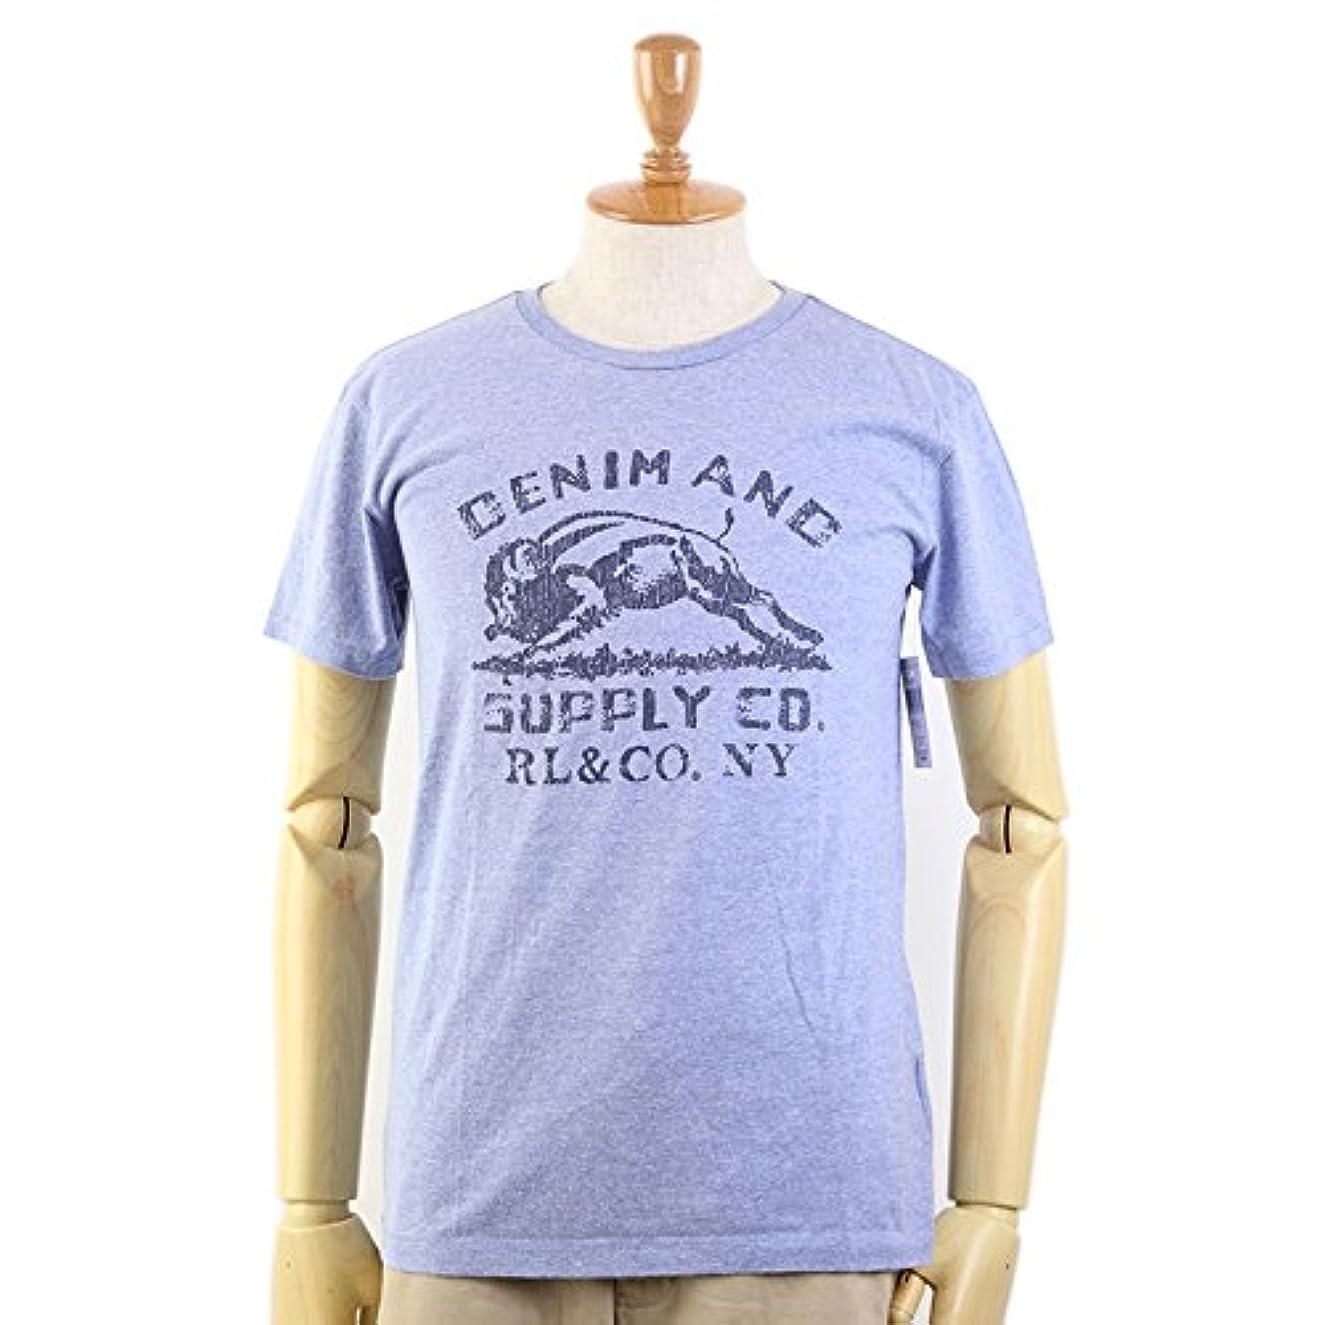 カトリック教徒ハプニング貝殻US デニム&サプライ ラルフローレン メンズ Tシャツ 02205045 [並行輸入品]